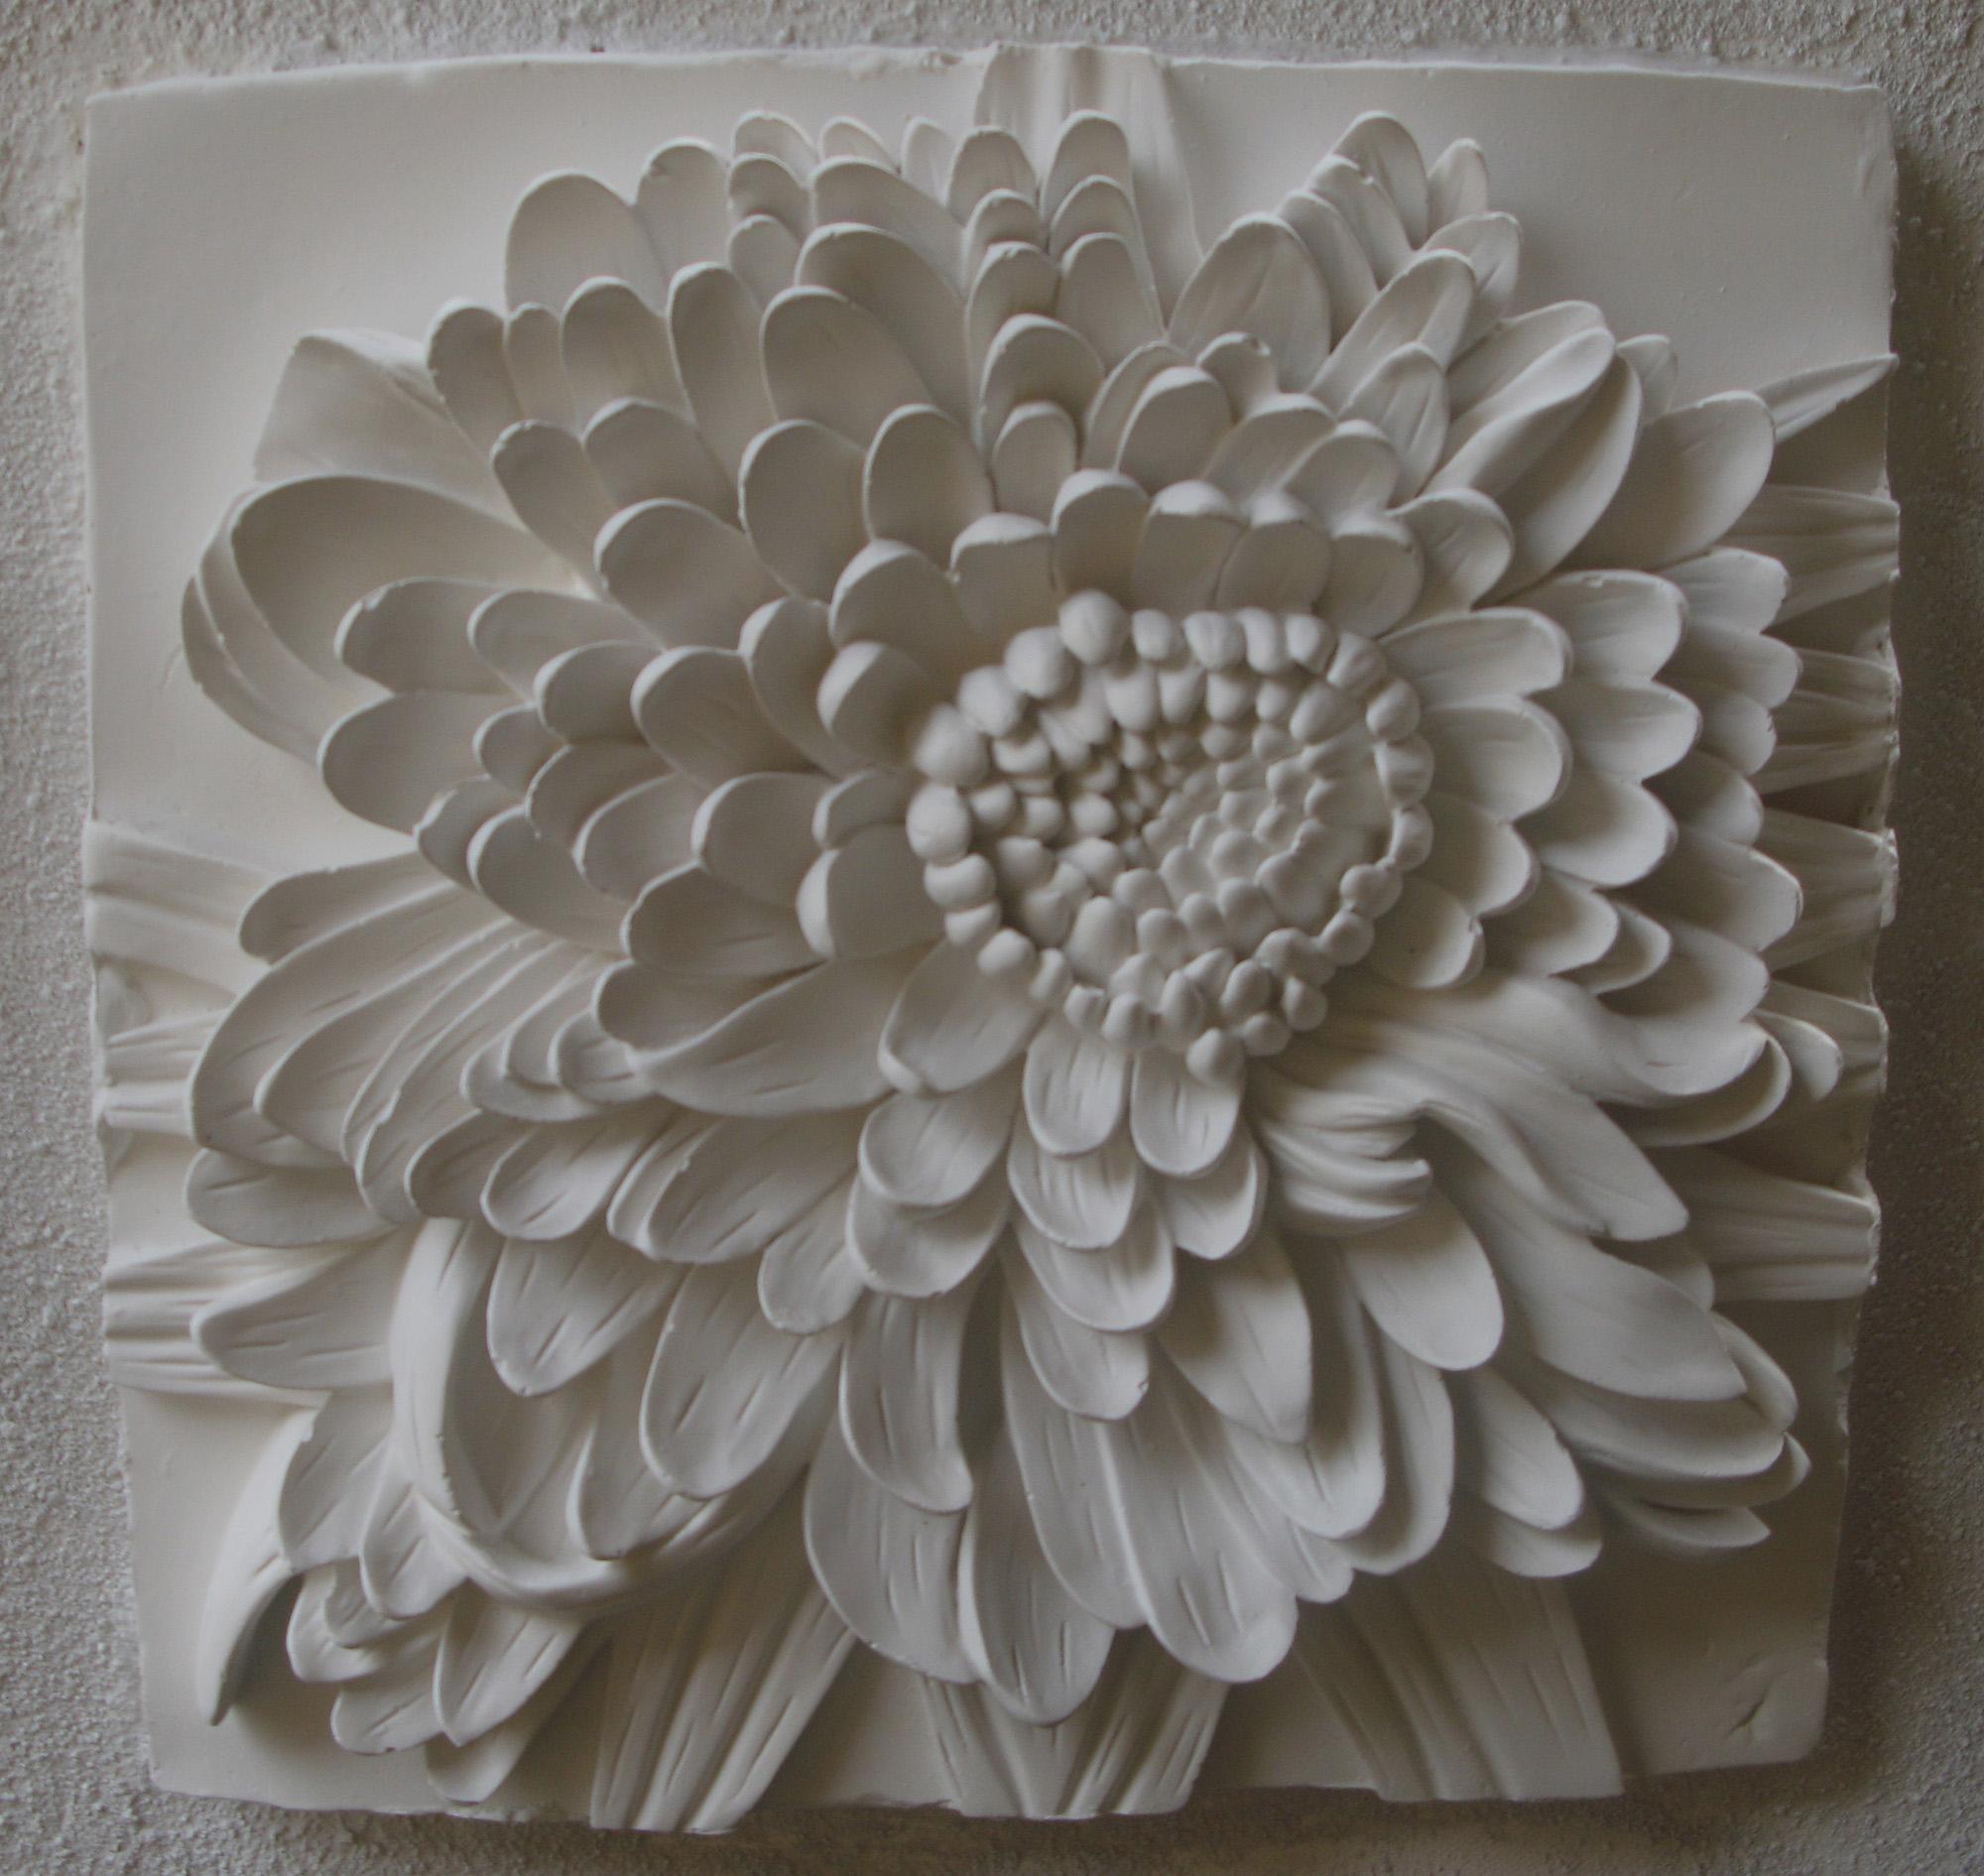 3D Flower Wall Art | Roselawnlutheran with regard to White 3D Wall Art